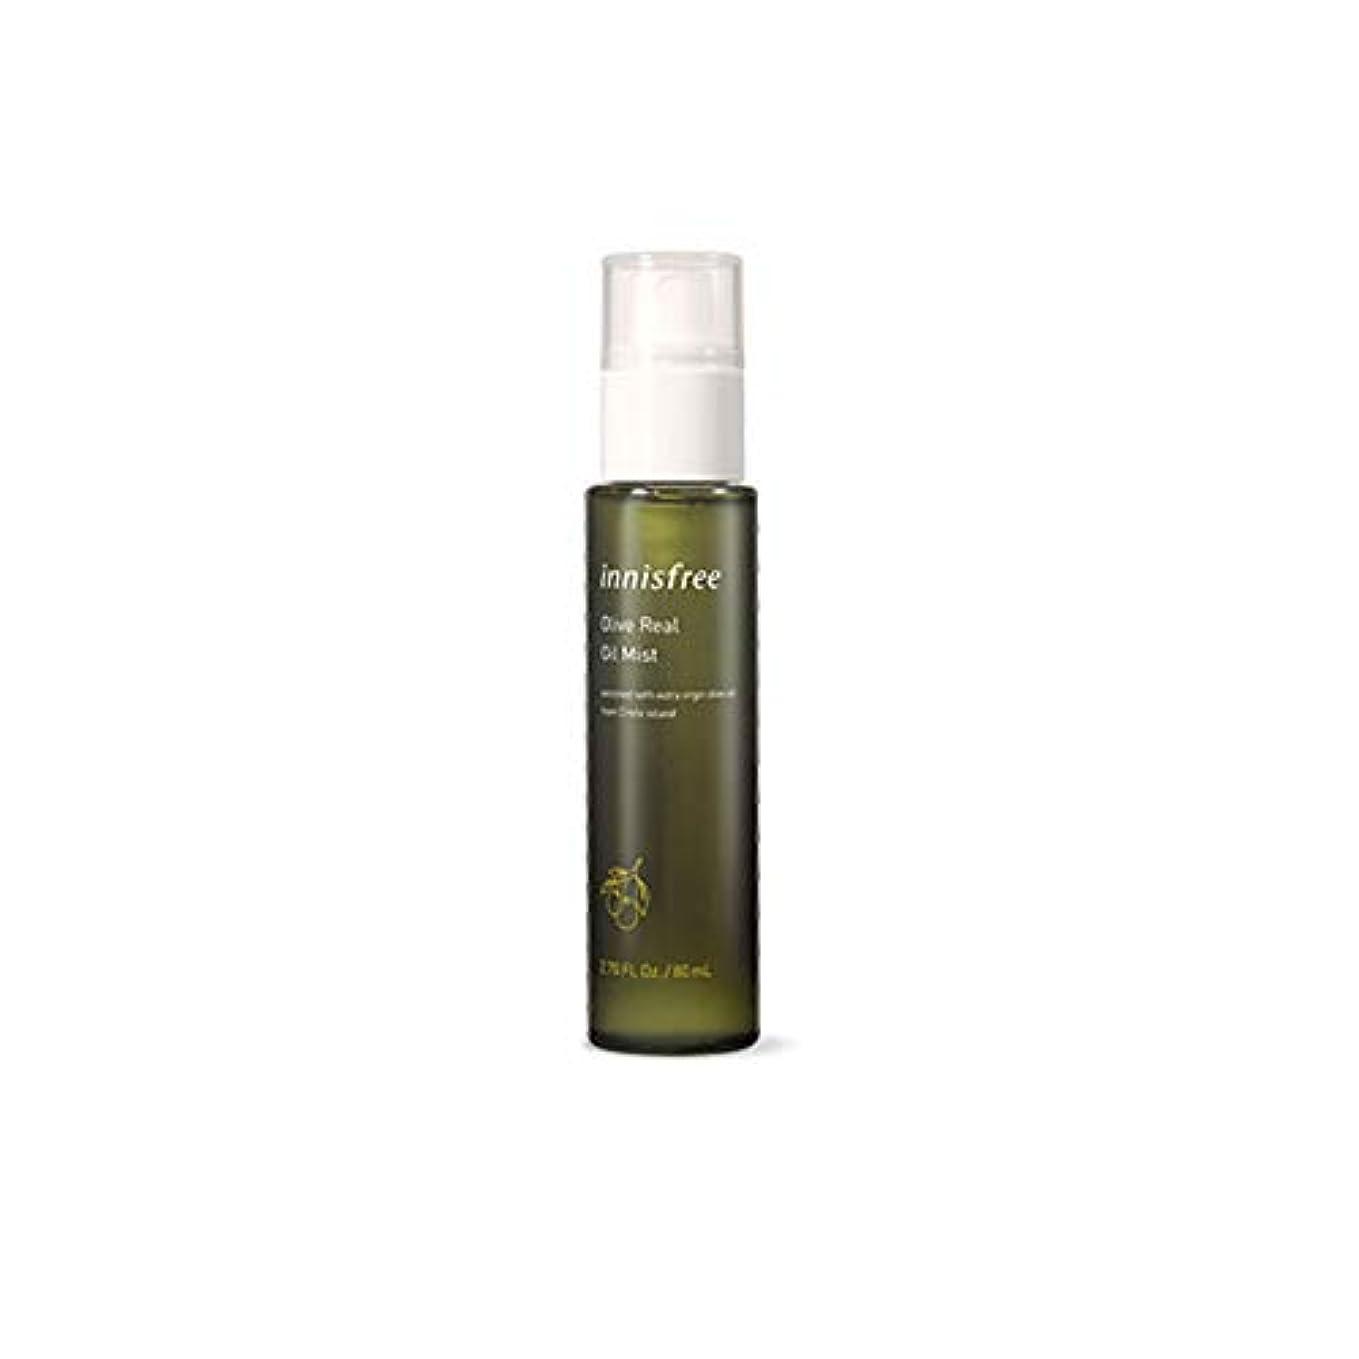 アクセル宿題創造NEW[イニスフリー] Innisfree オリーブ リアル オイル ミスト EX(80ml) Innisfree Olive Real Oil Mist EX(80ml) [海外直送品]